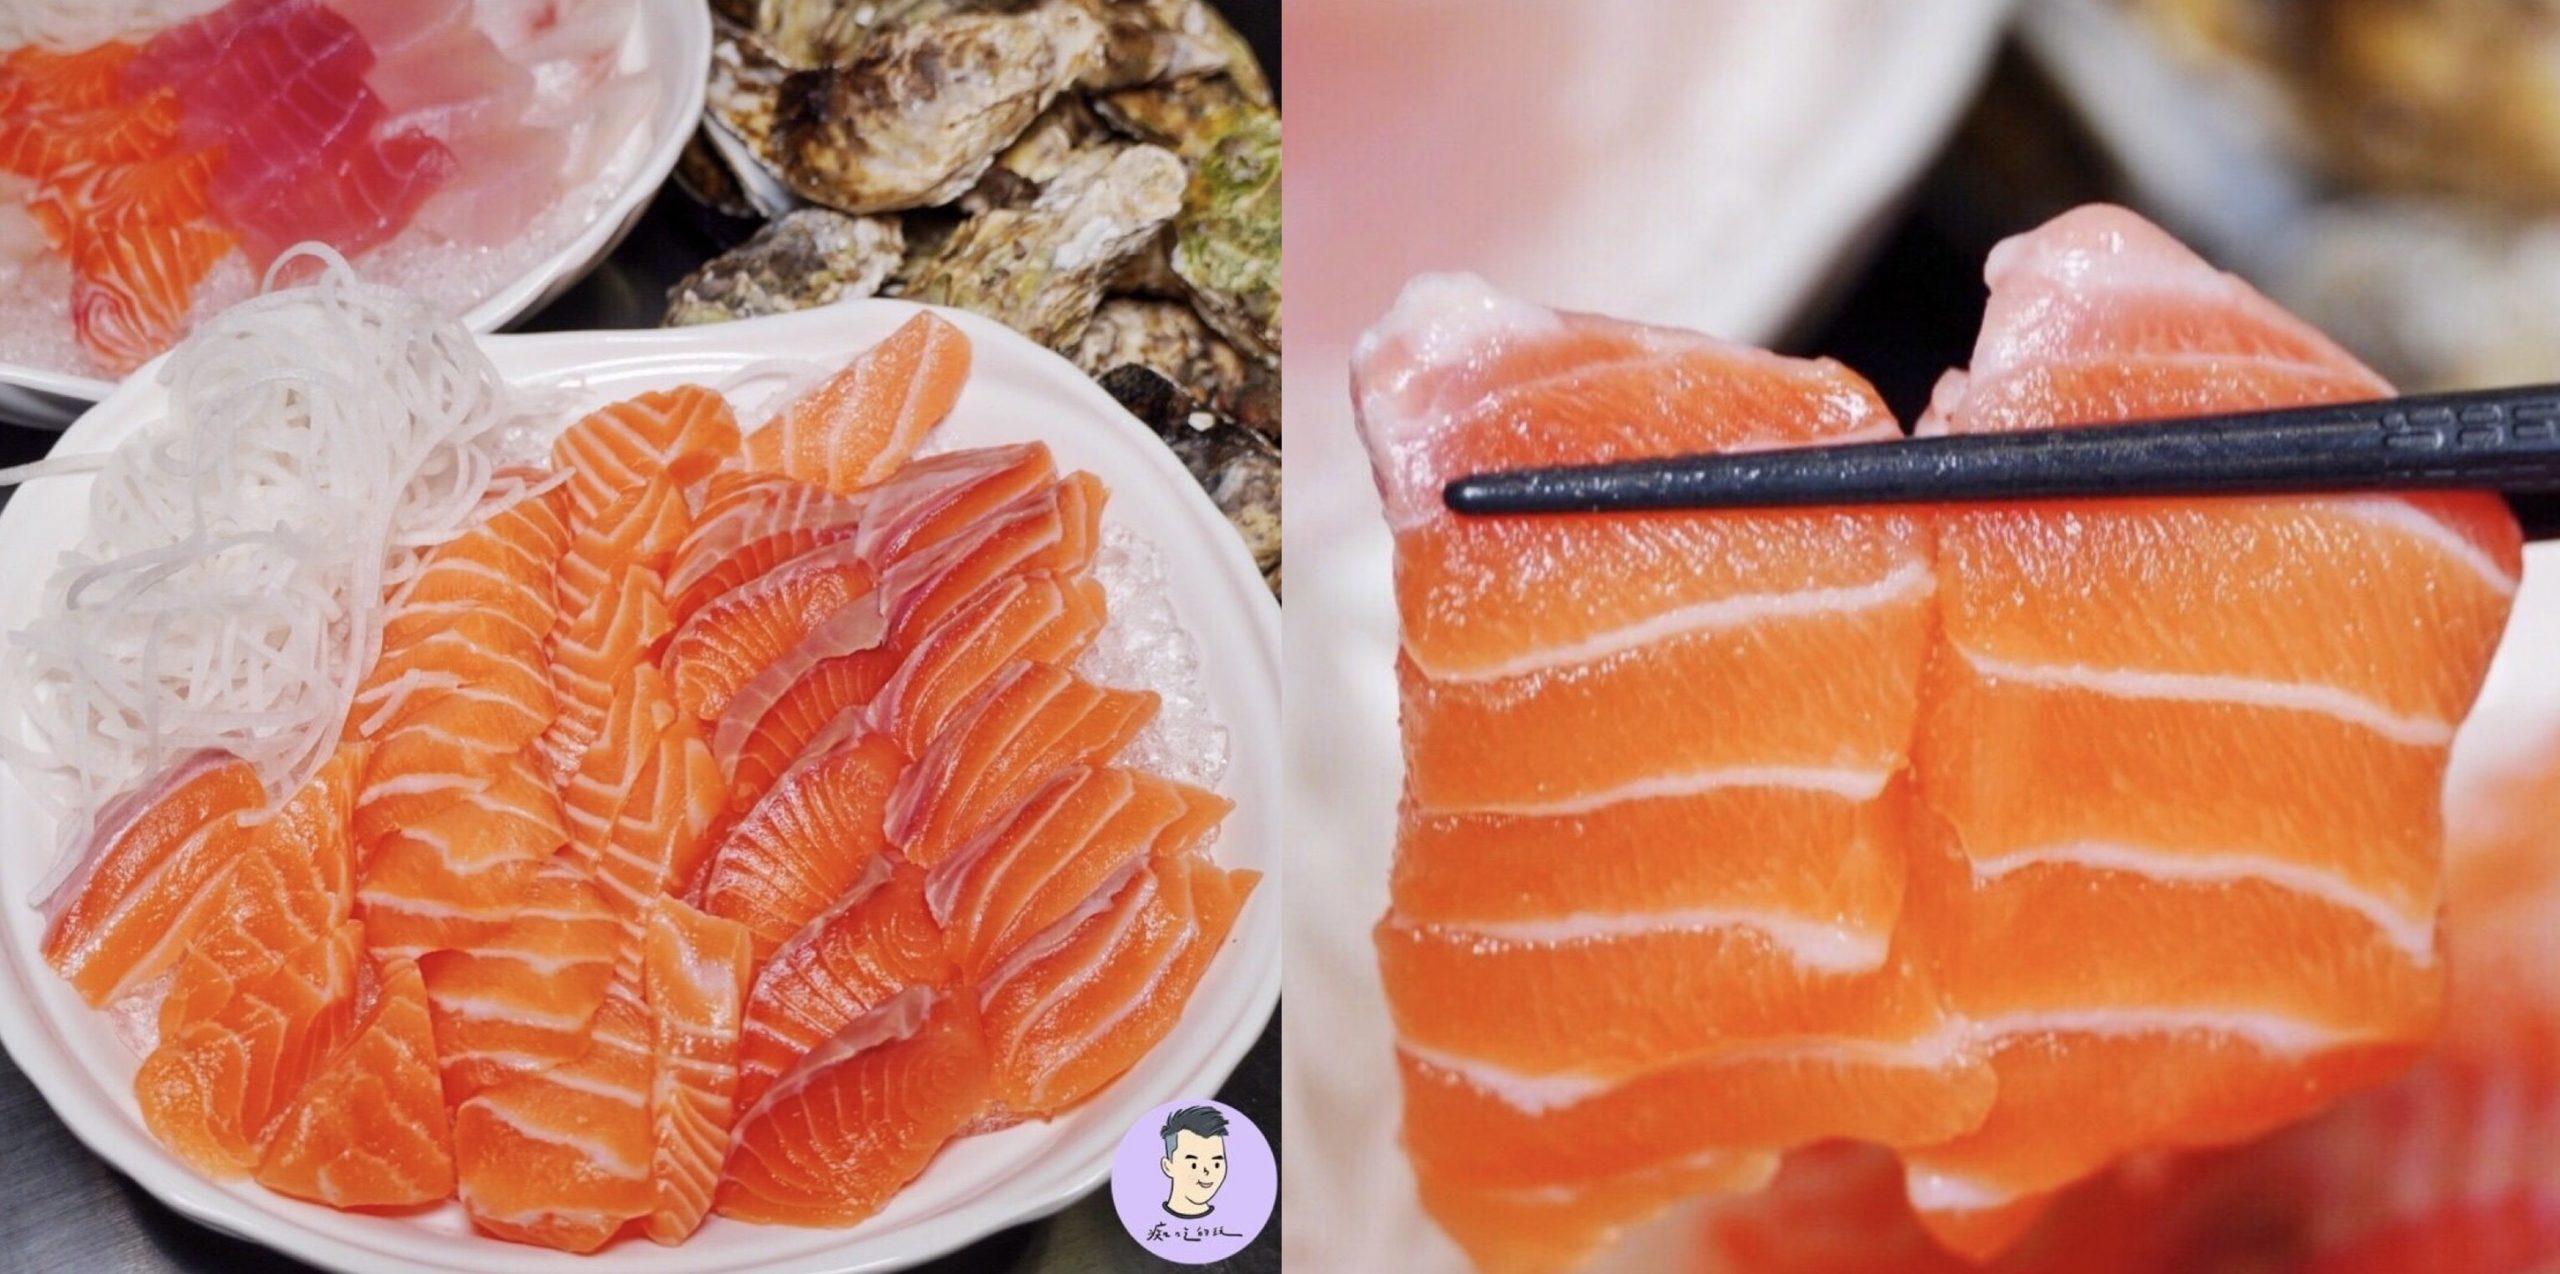 快呼叫「ㄩˊ」的朋友!!鮭魚之亂不用改名字!老闆請你爽吃鮭魚生魚片,台南這家老闆太狂了 – 燒烤攤